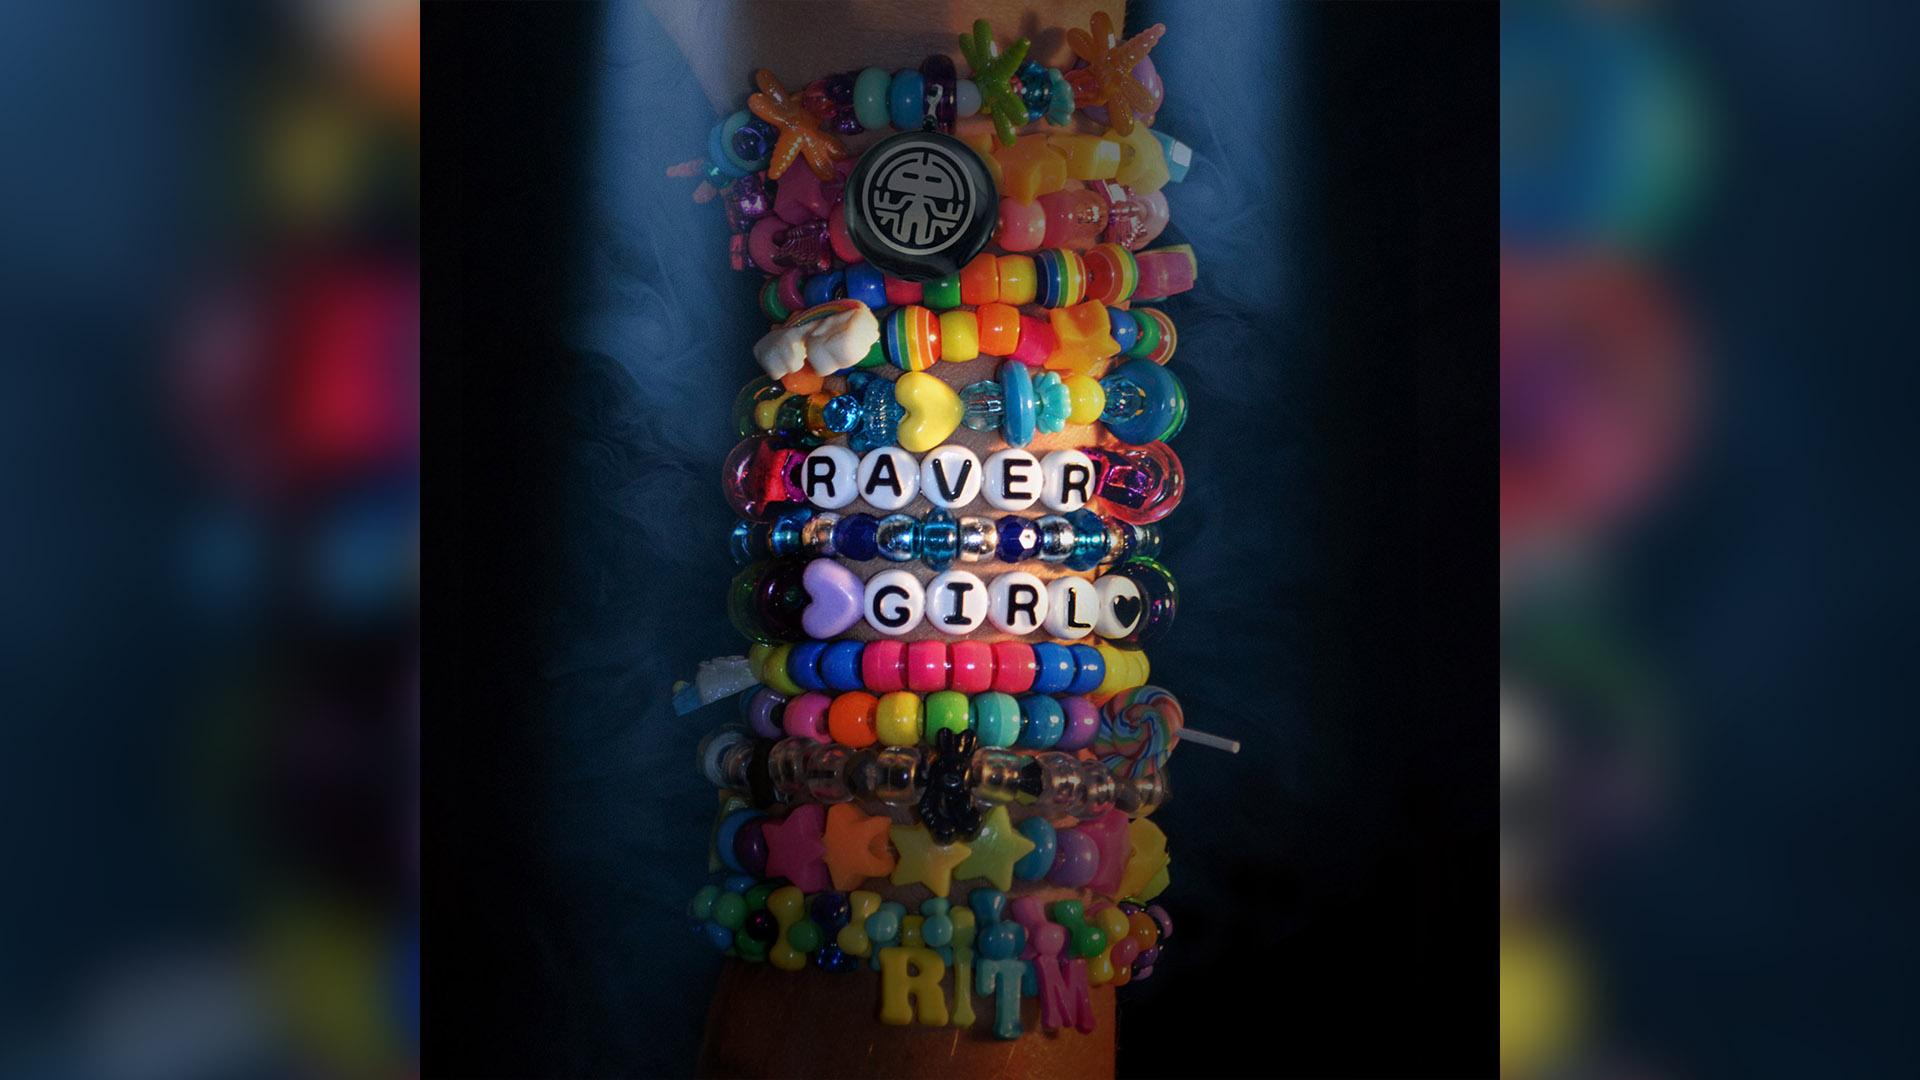 Raver Girl